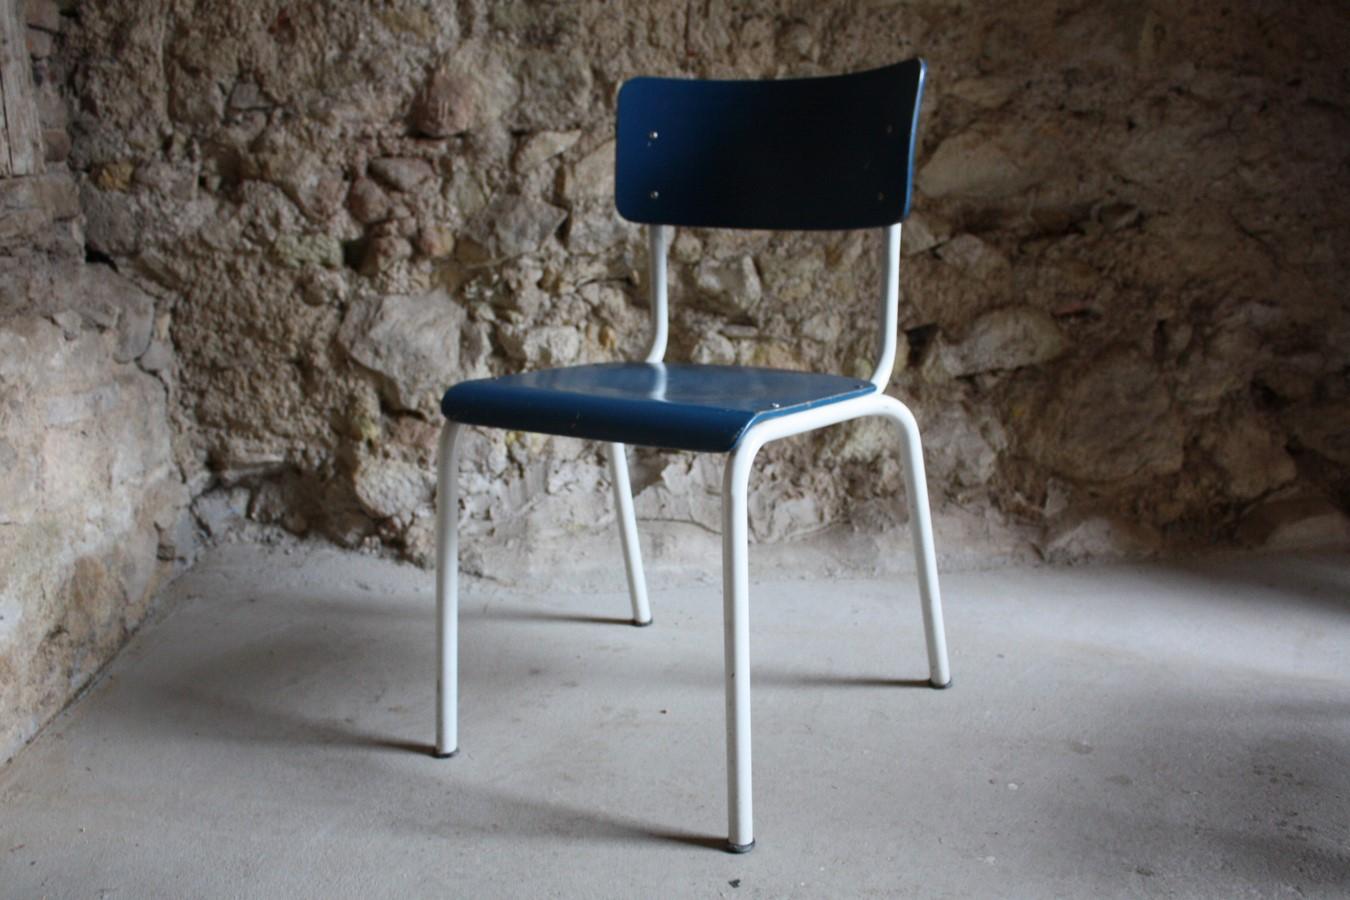 stuhl-gebraucht-bauhaus-schulstuhl-vintage-mobel-5